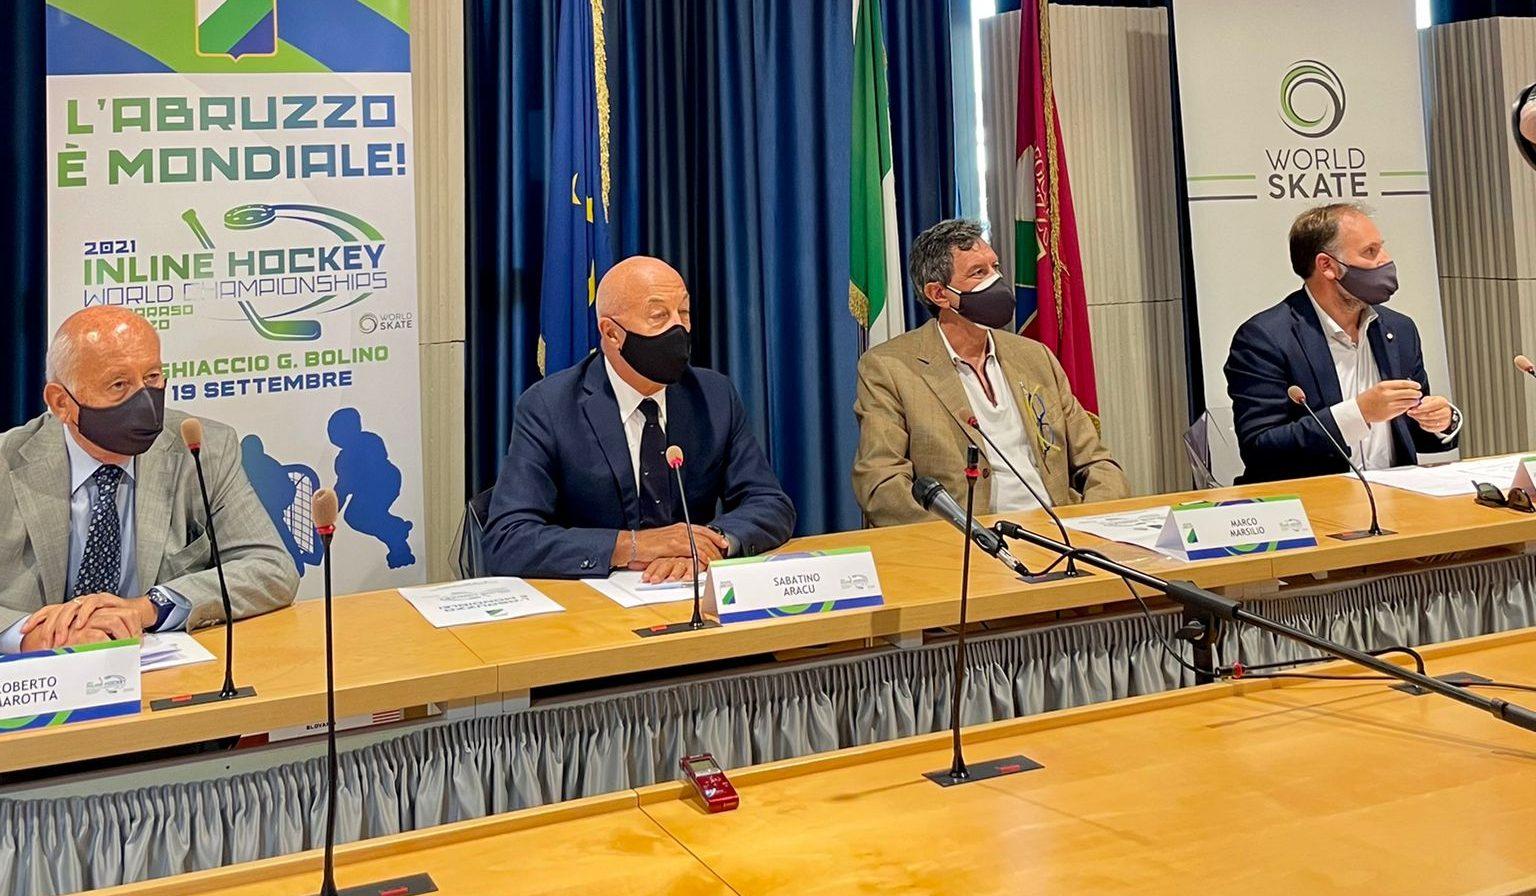 L'Abruzzo è Mondiale a Roccaraso. A Pescara la presentazione degli Inline Hockey World Championships 2021